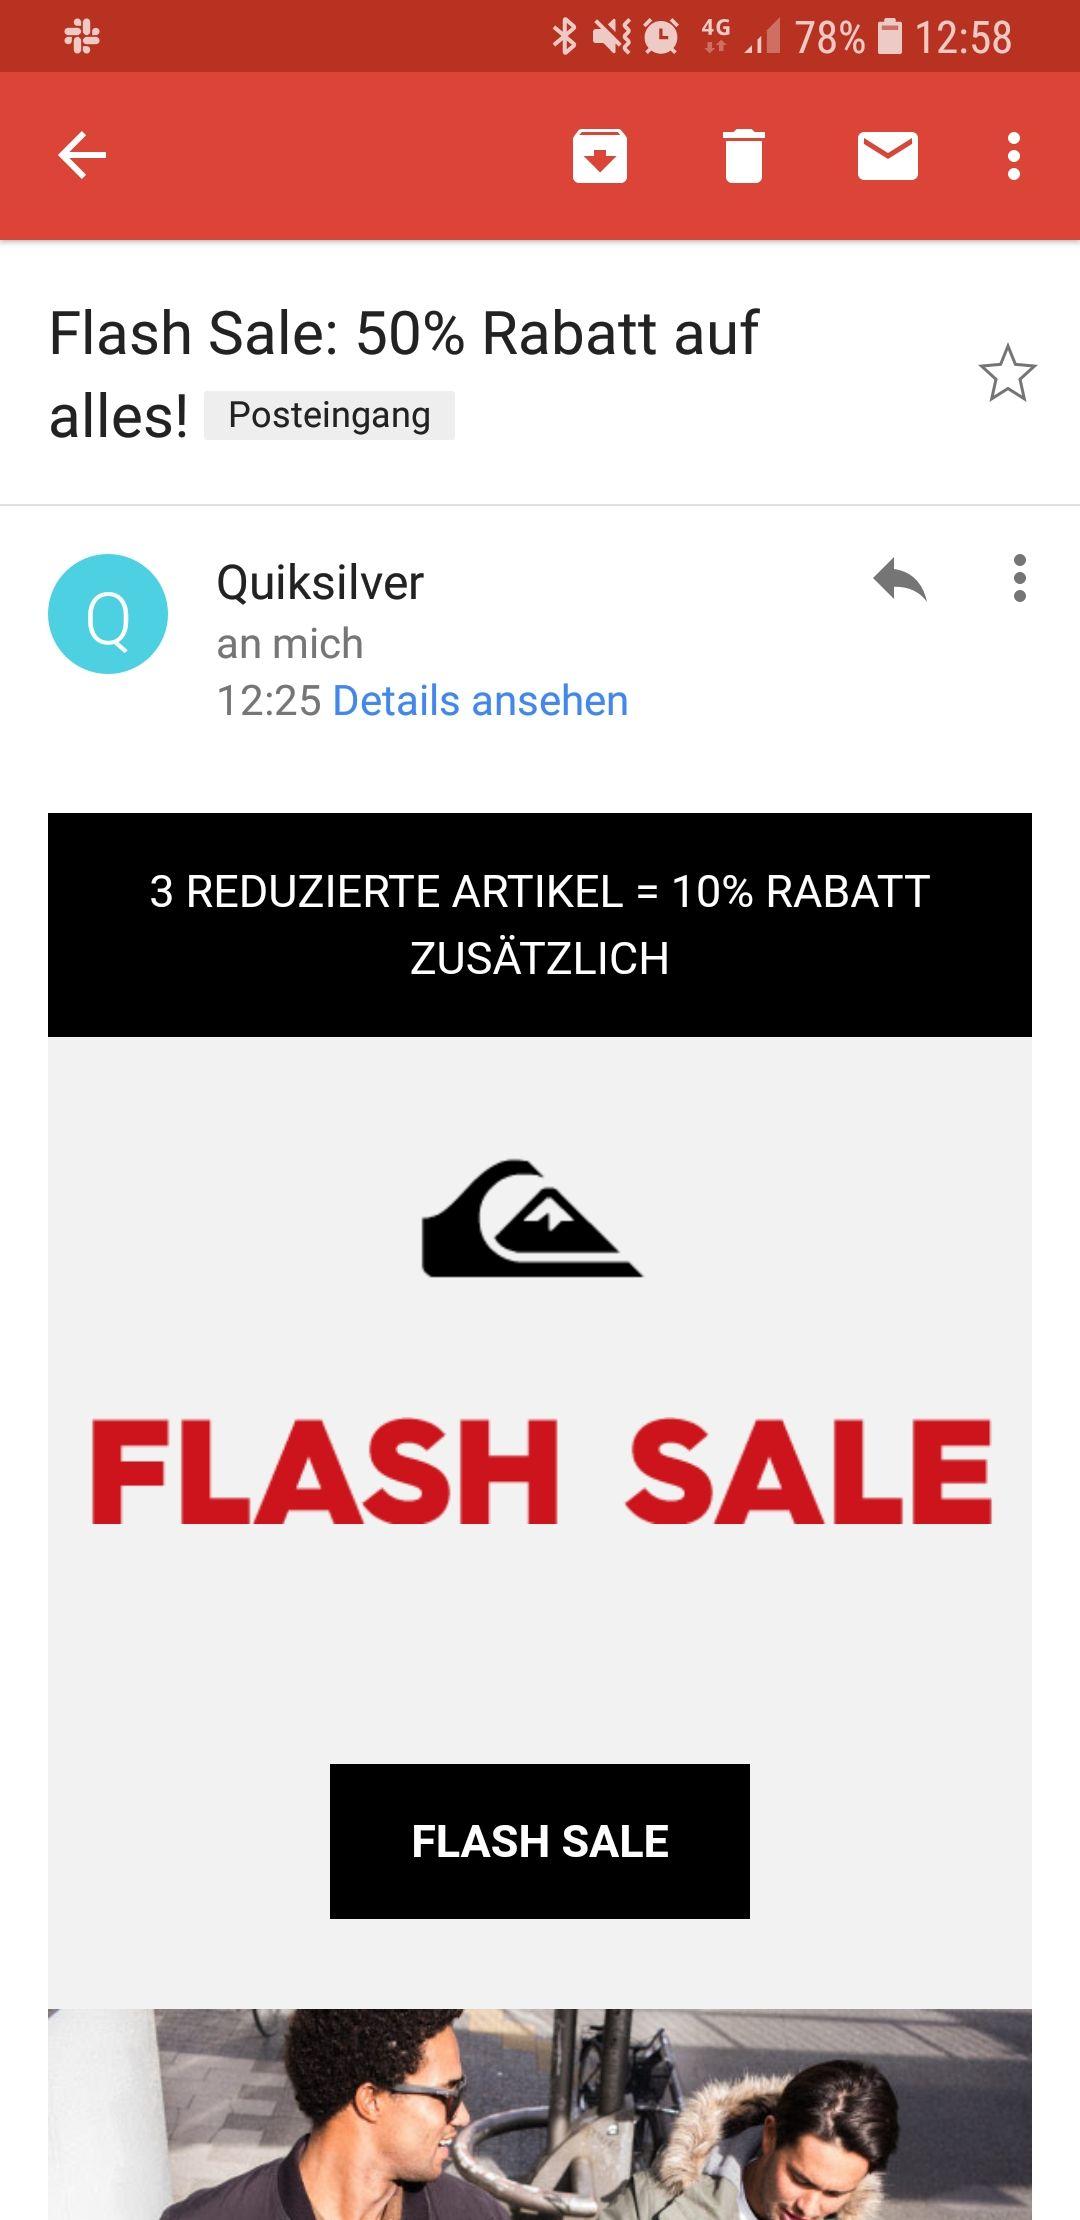 Quiksilver: 50% auf Alles & zusätzliche 10% ab 3 Teile sowie nochmal 10% mit Gutschein